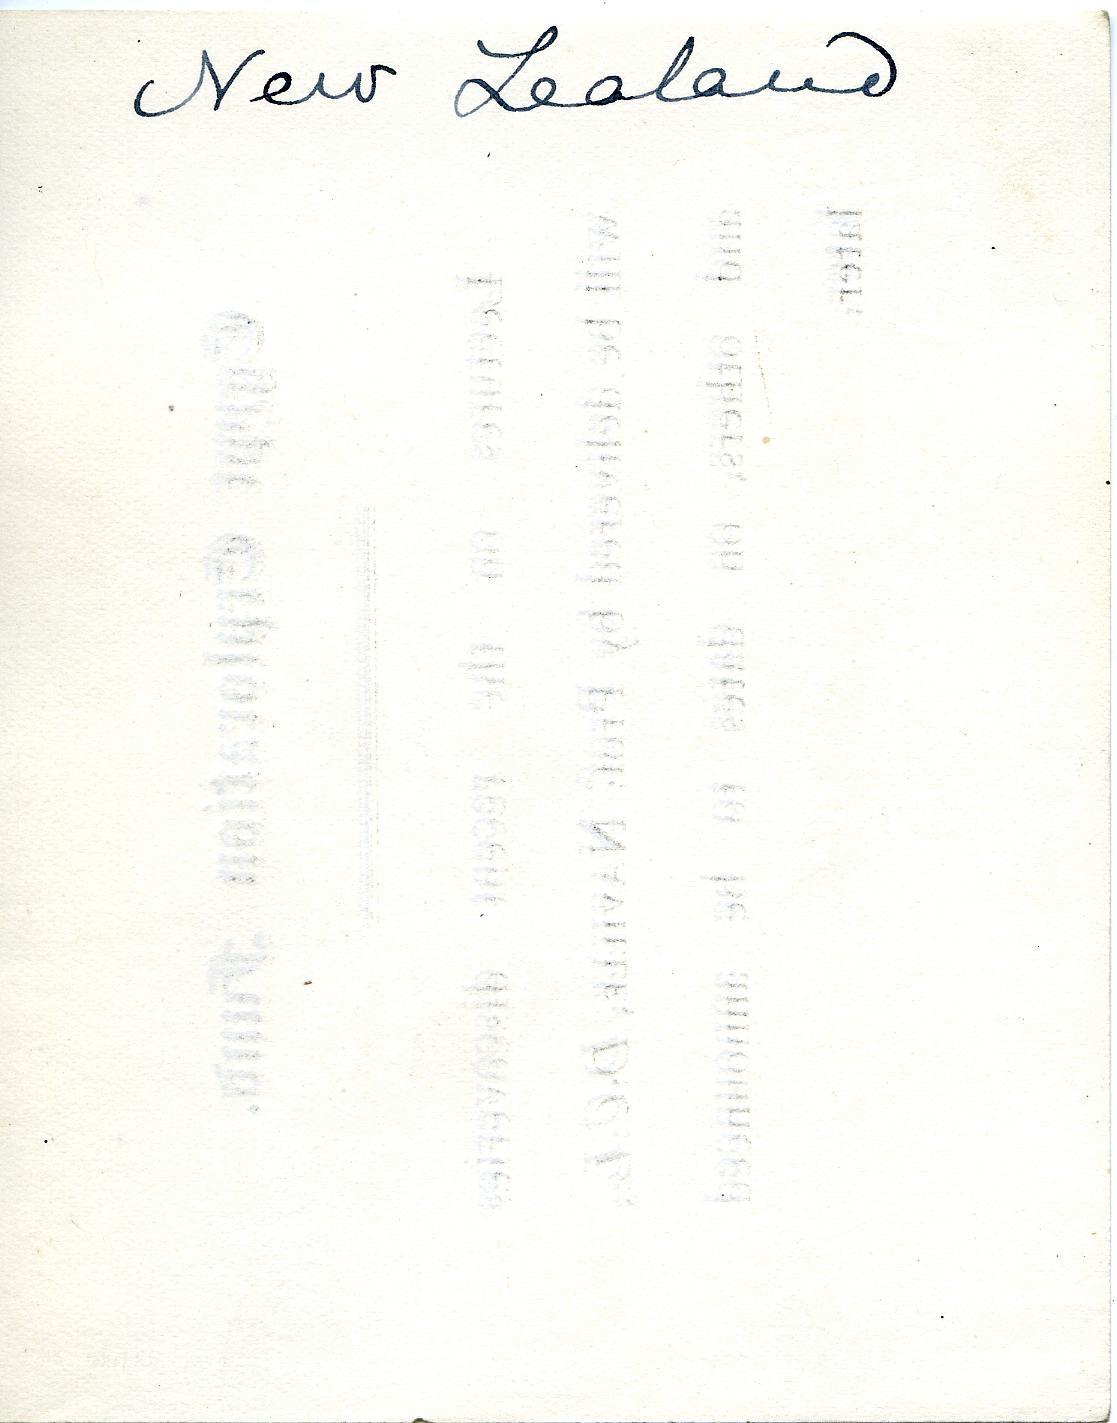 1905-06 Deir el-Bahri, Oxyrhynchus DIST.26.13.051